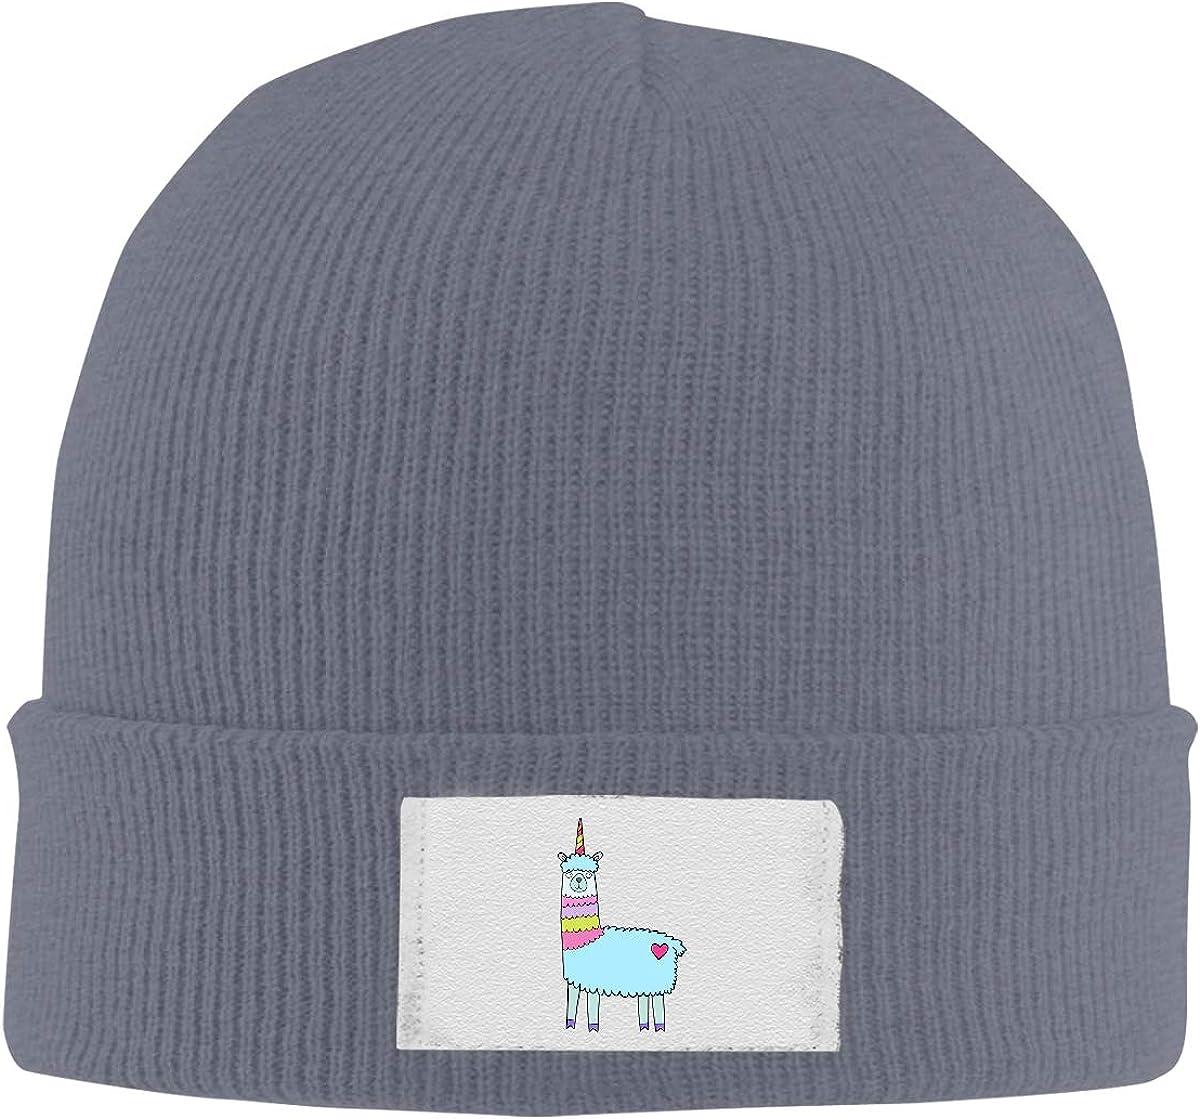 Z-YY Alpaca Unisex Winter Knitting Woolen Hat Warm Cap